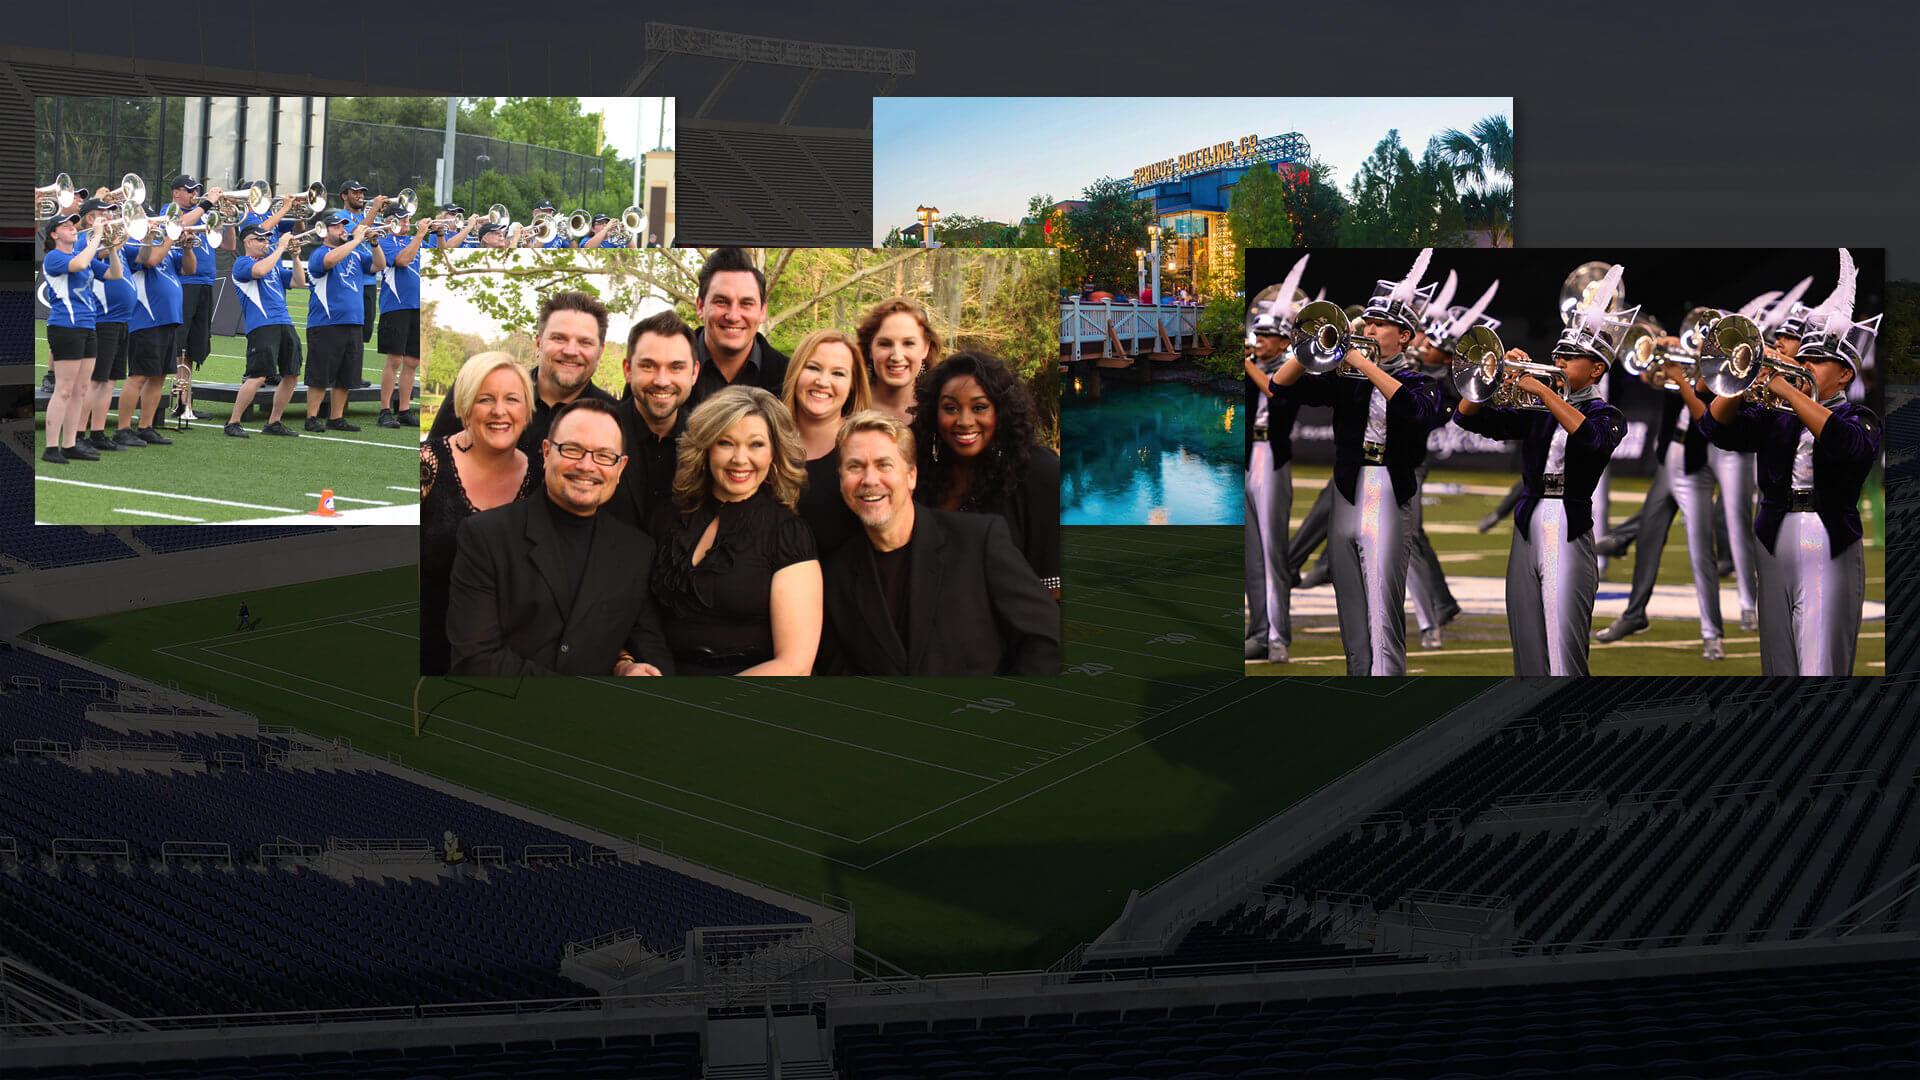 Special performances set to make Orlando extra magical